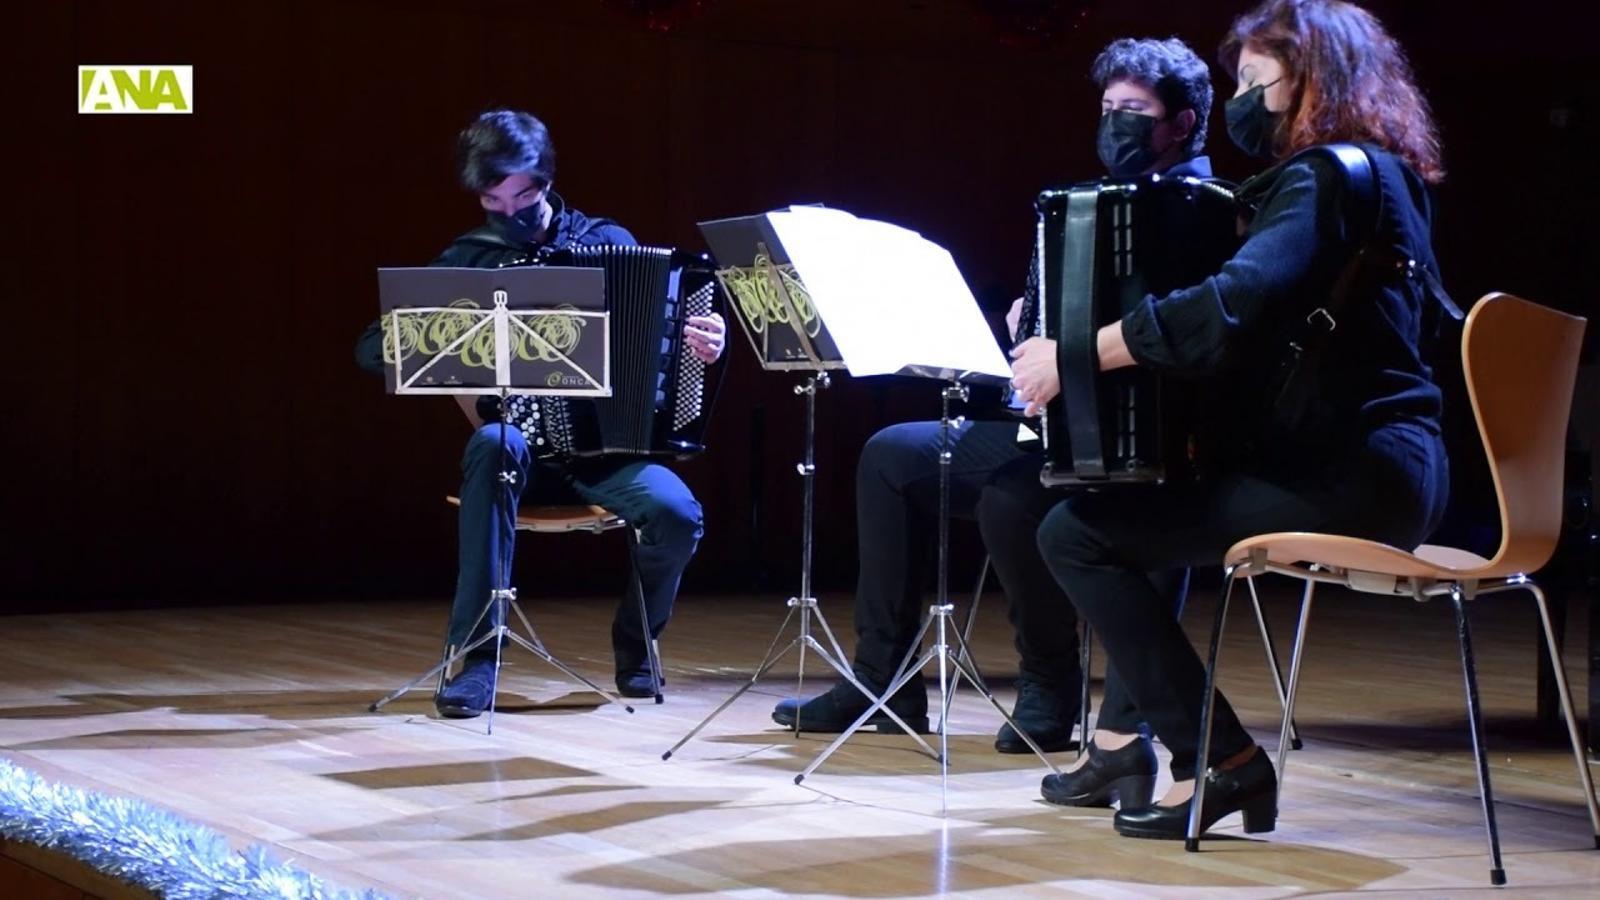 'Promeses musicals', un concert de Nadal variat tant pels grups com pel repertori